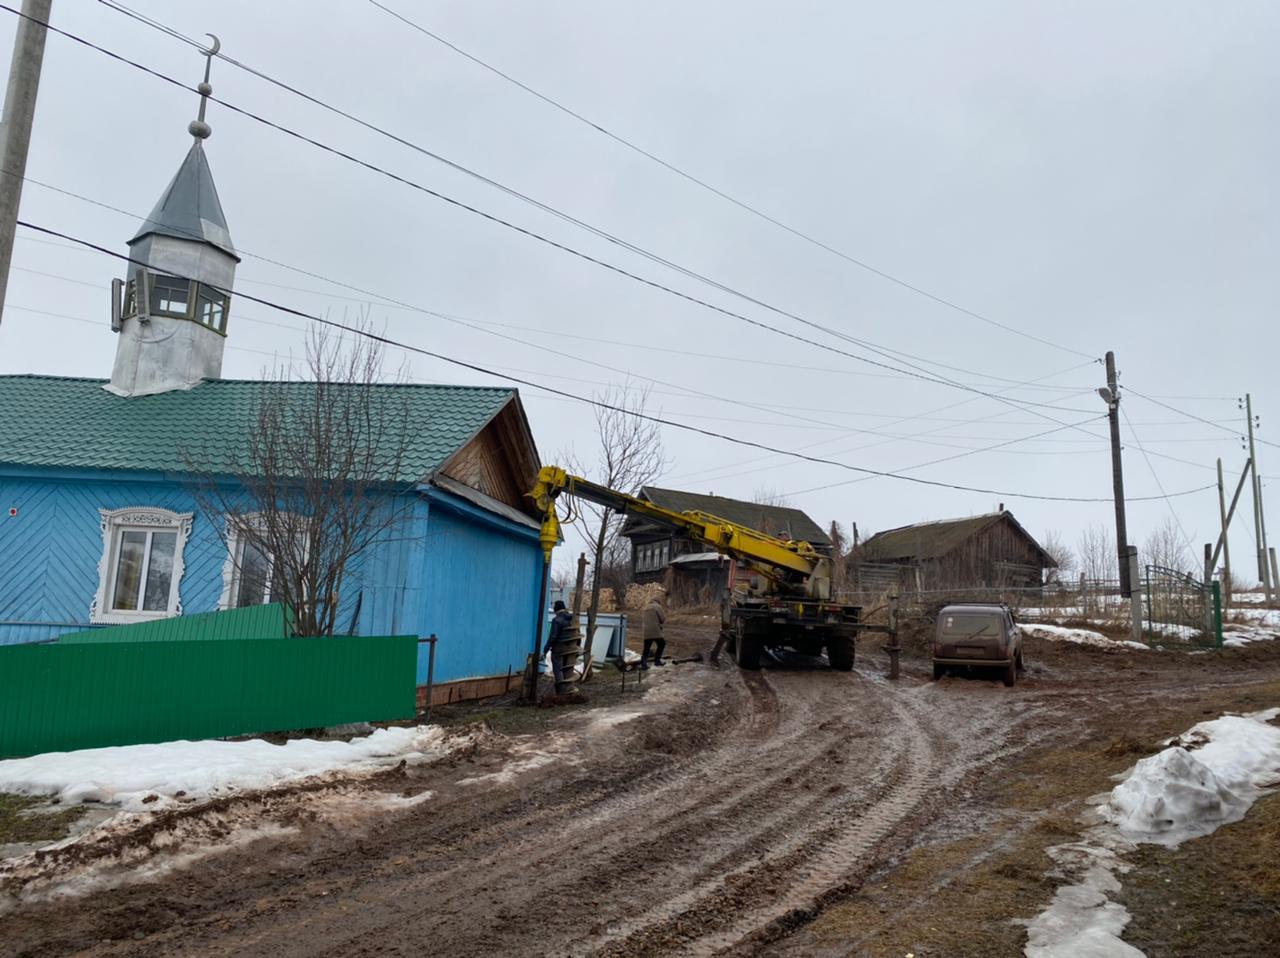 селе Бичурино (Озын Ялан) Бардымского района смонтировали сваи под основание нового минарета.